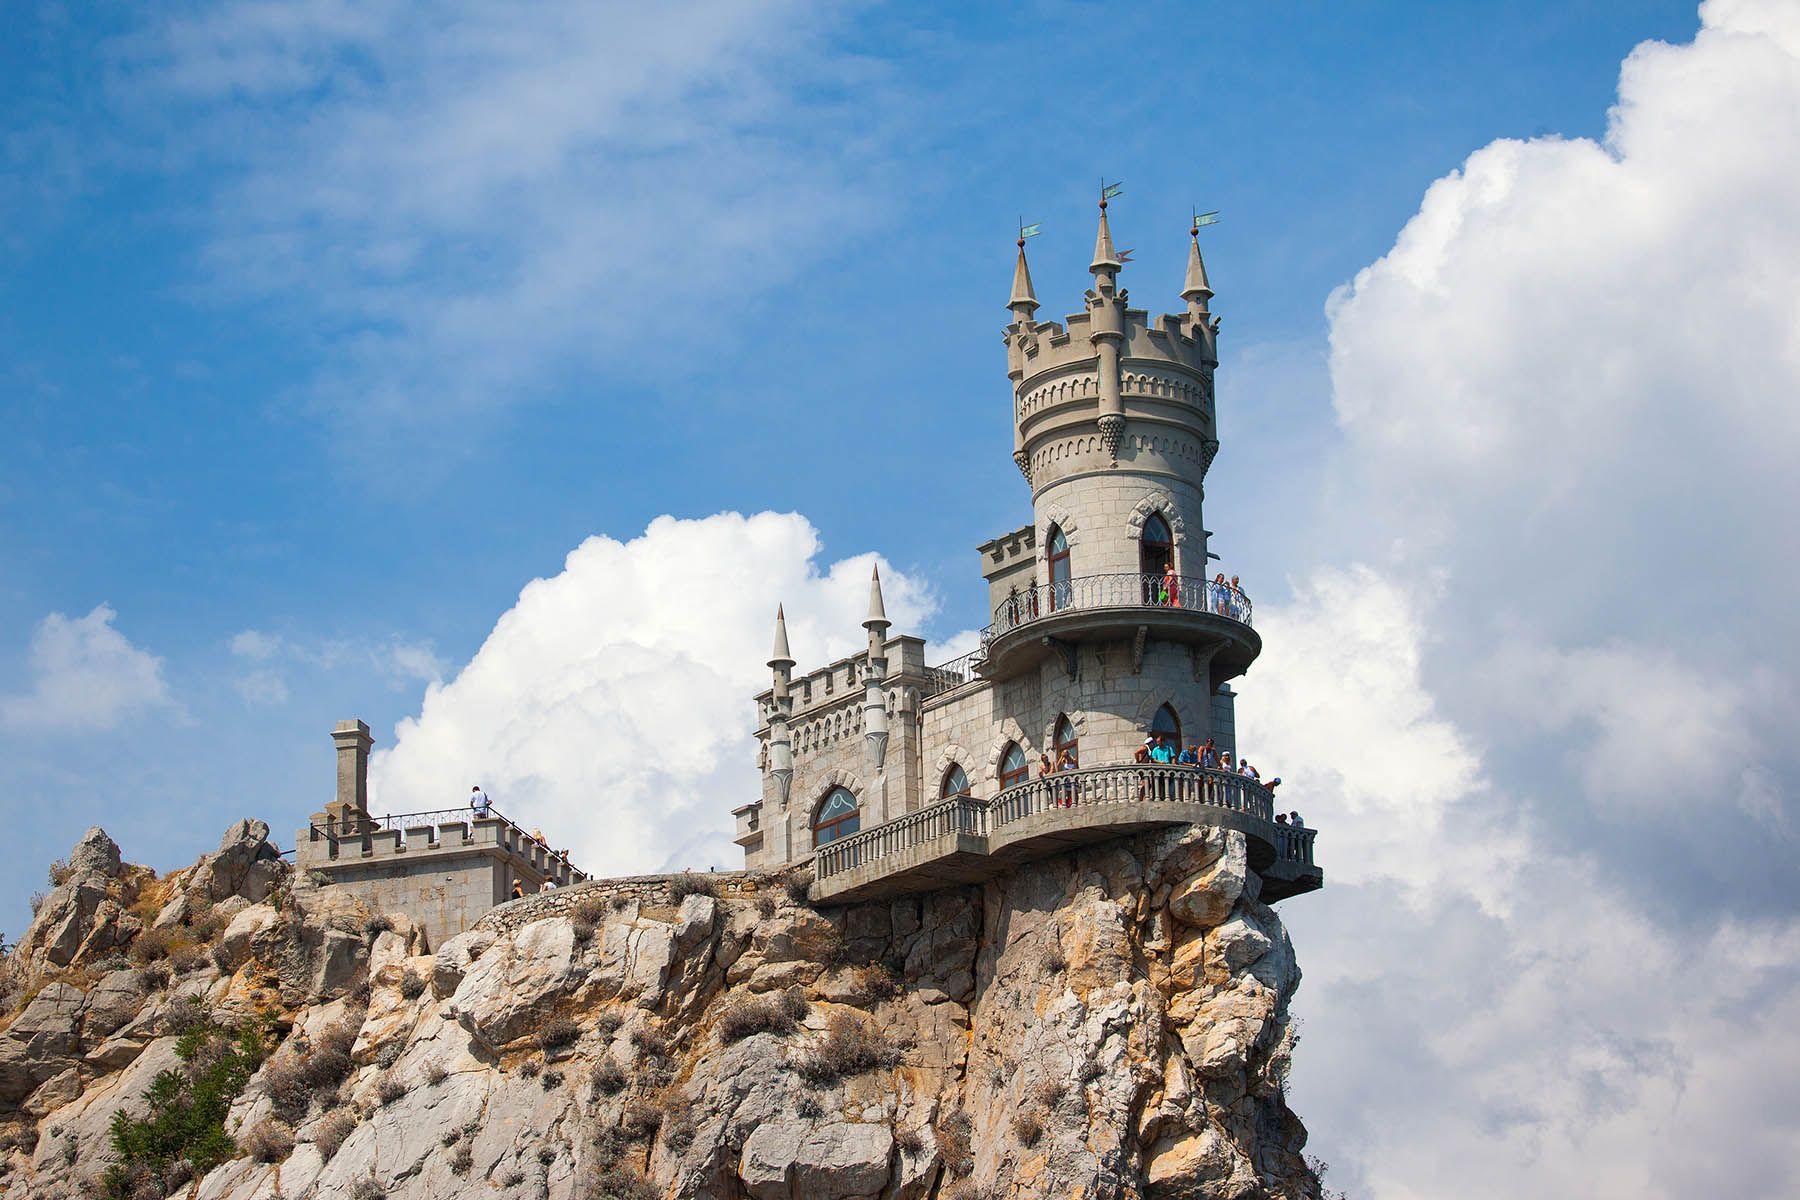 Замок Ласточкино гнездо Ласточкино гнездо Ялта Крым Замок ласточкино Ай-Тодор Черное море пейзажи Крыма волна пляж Небо Пейзаж